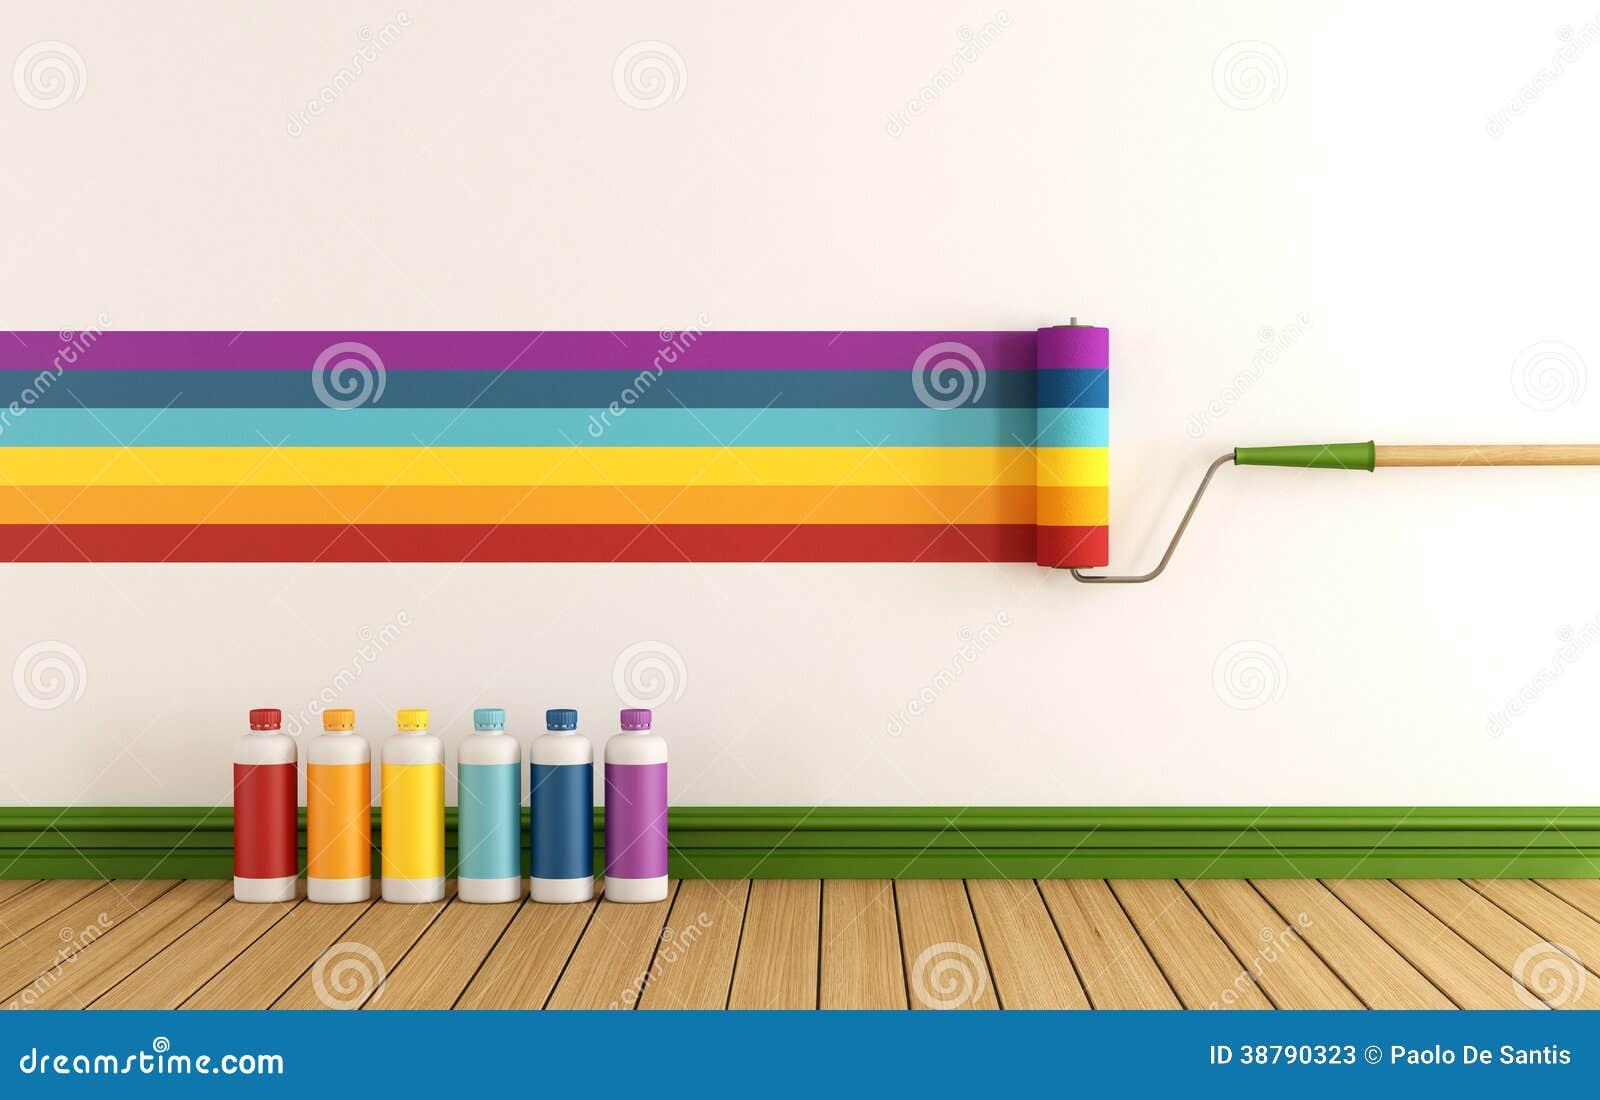 Seleccione la muestra del color para pintar la pared stock - Colores suaves para pintar paredes ...